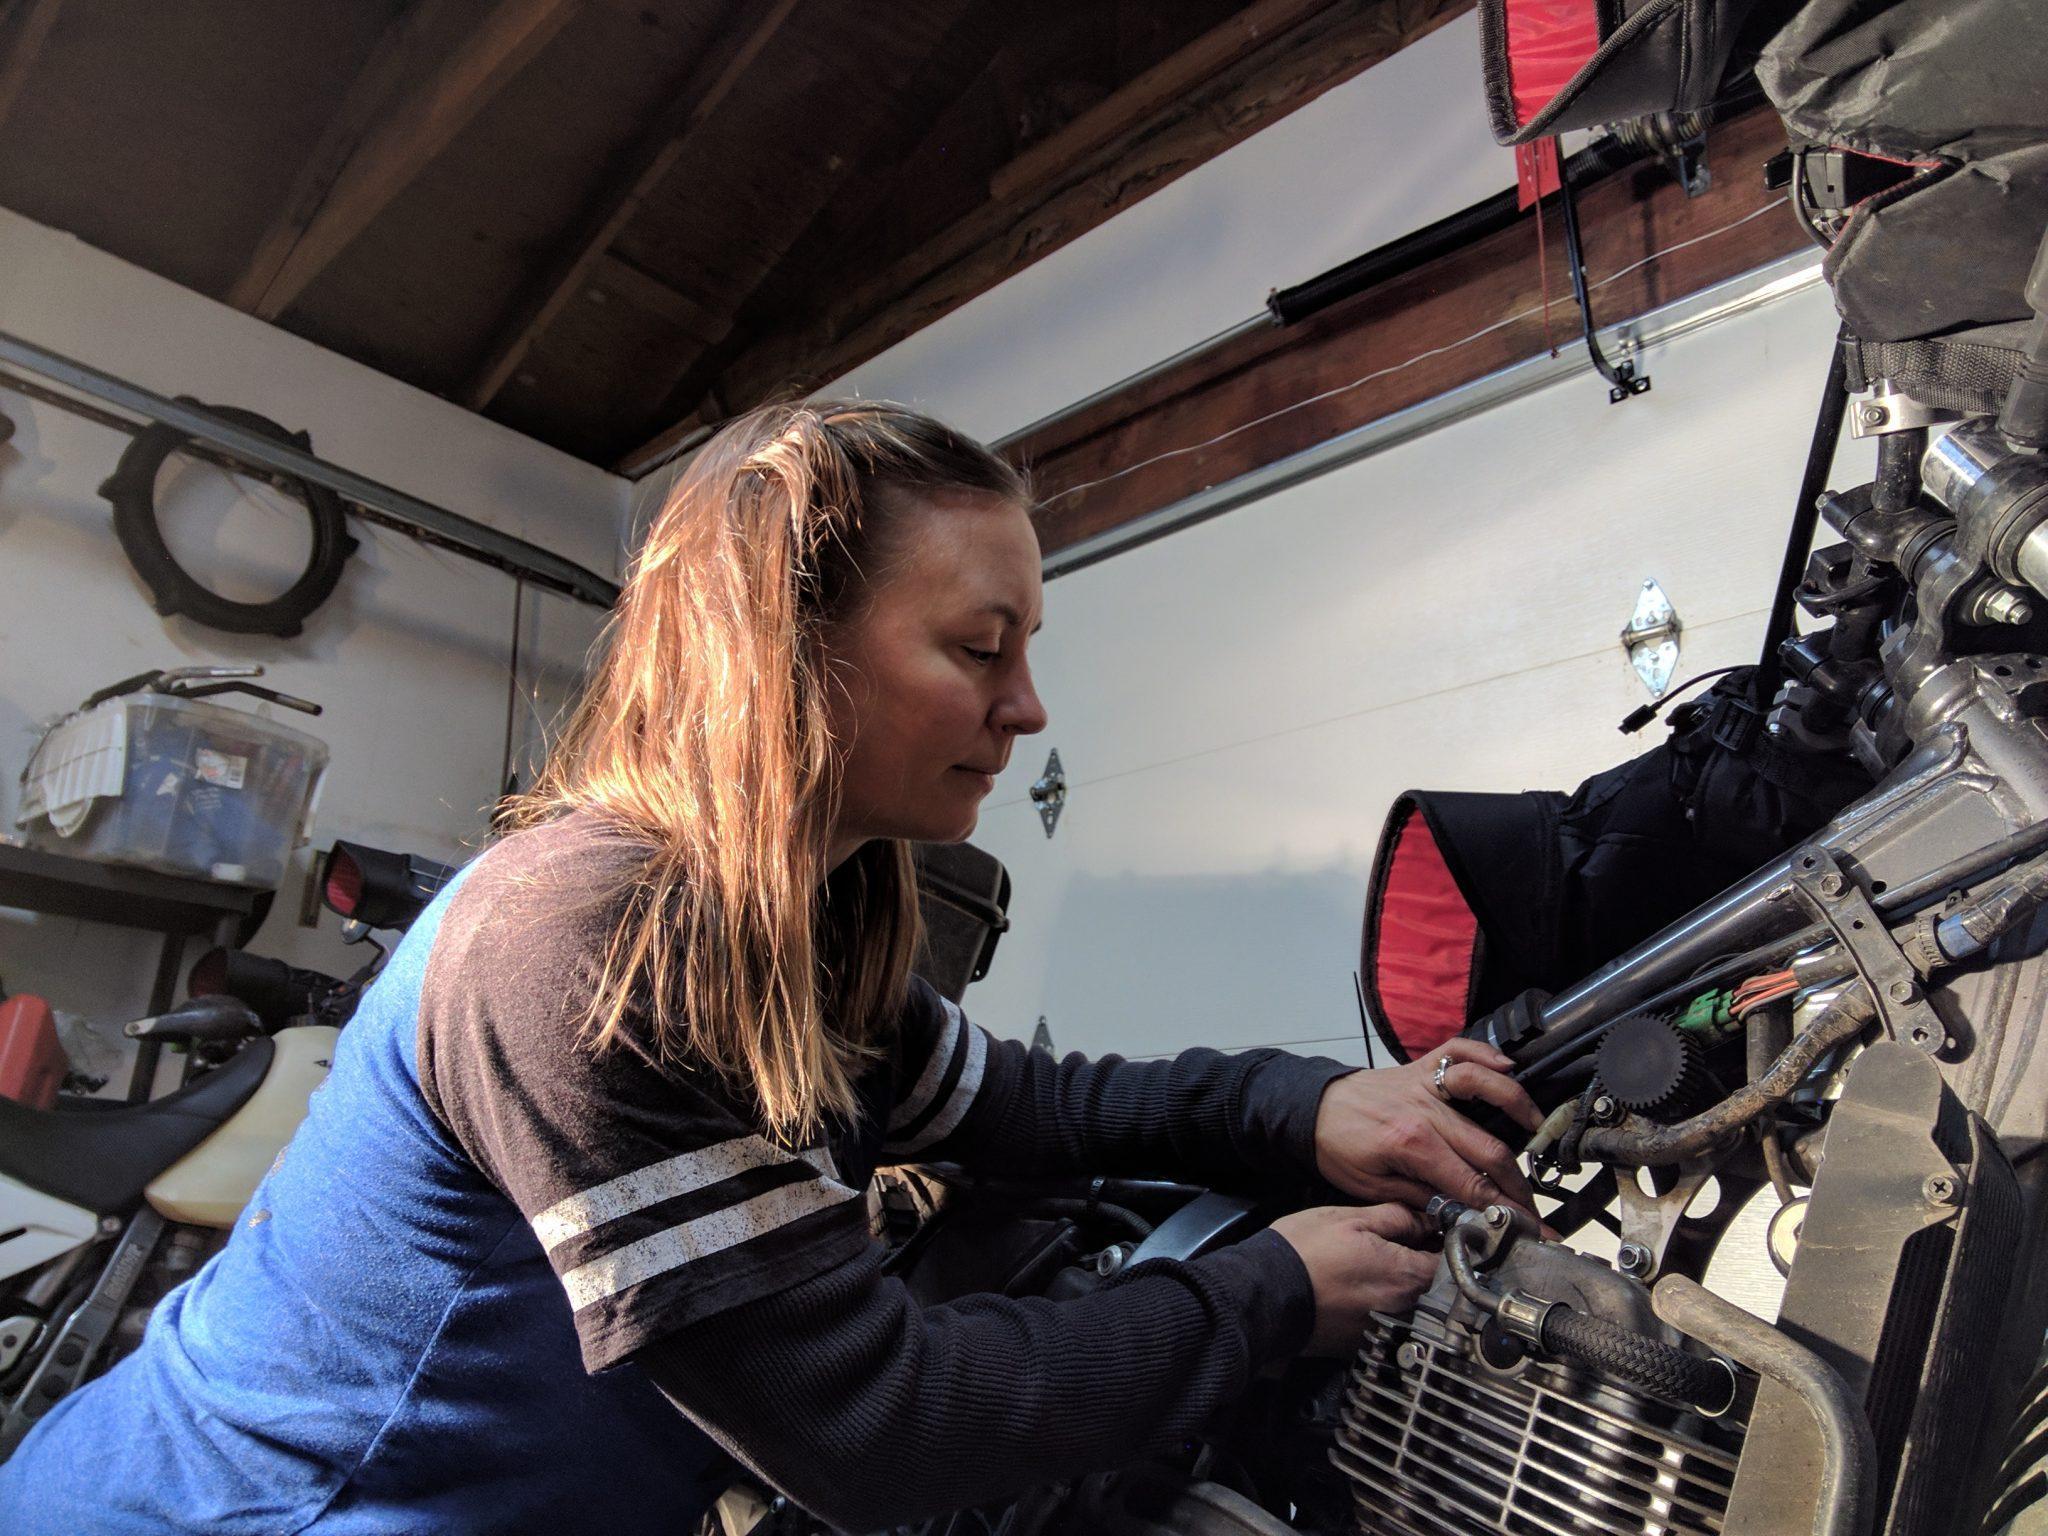 adjusting motorcycle valves